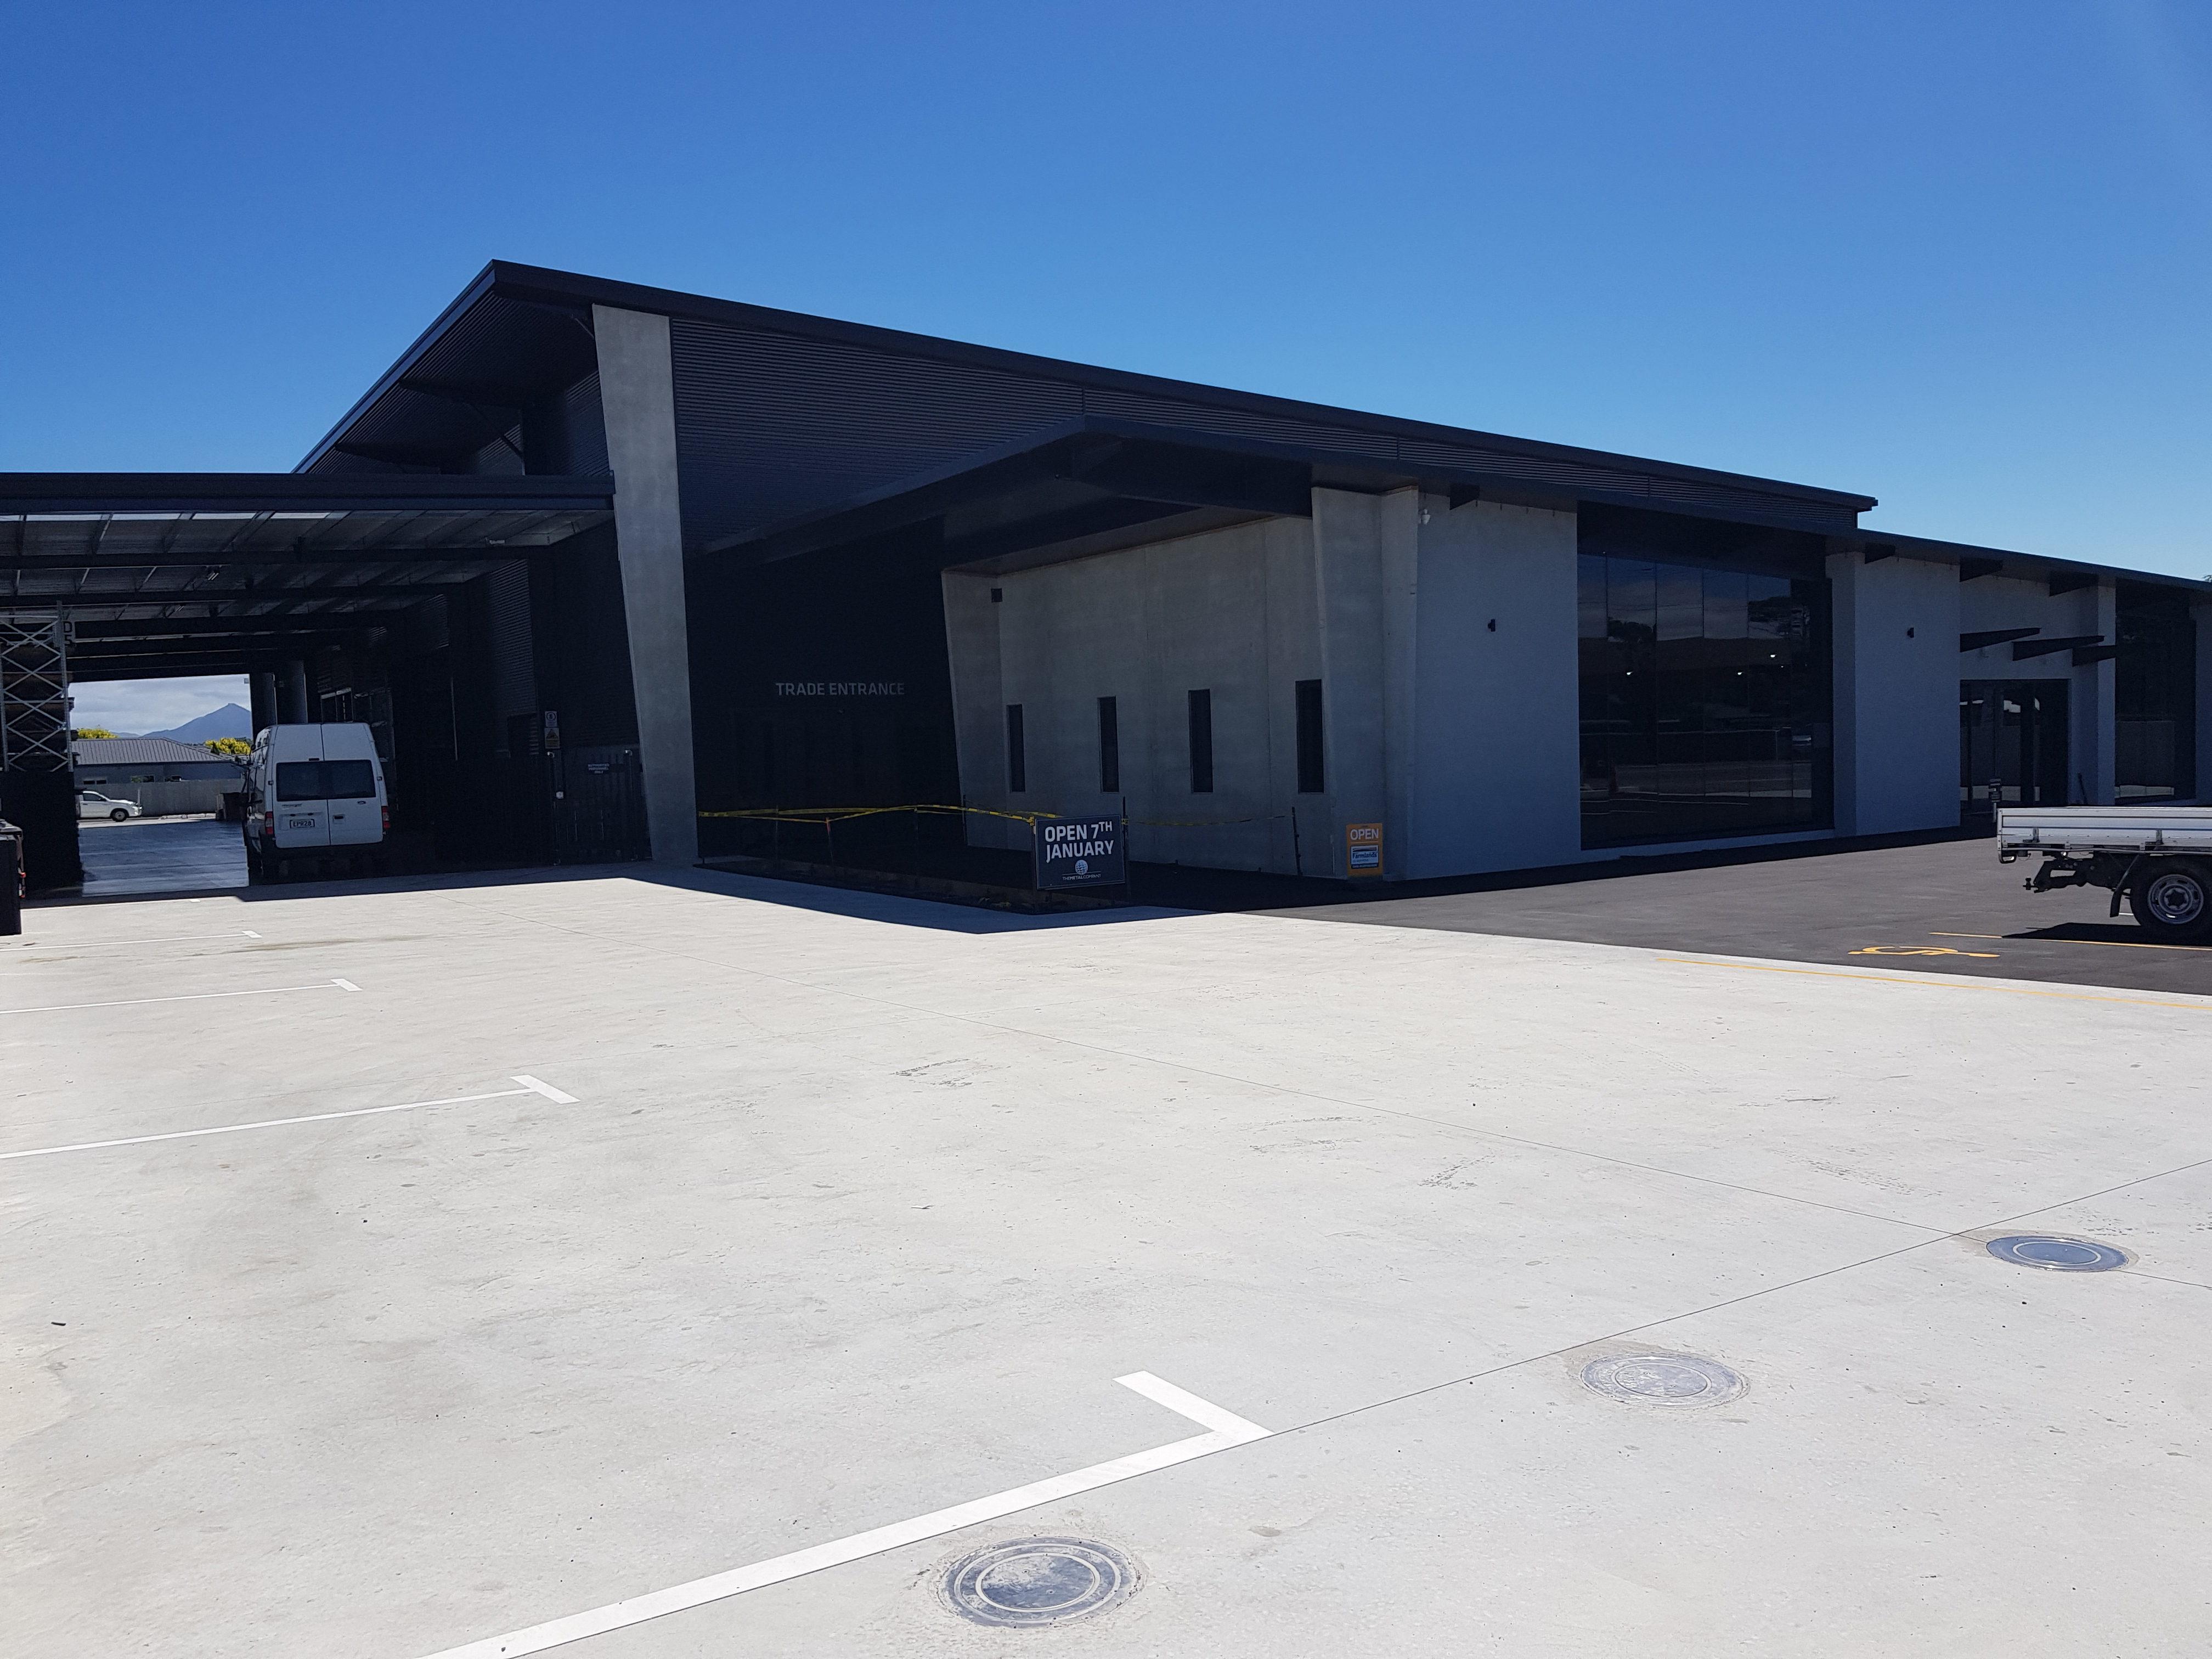 Commercial premesis entry yard over Inforce steel fibre reinforced slab work